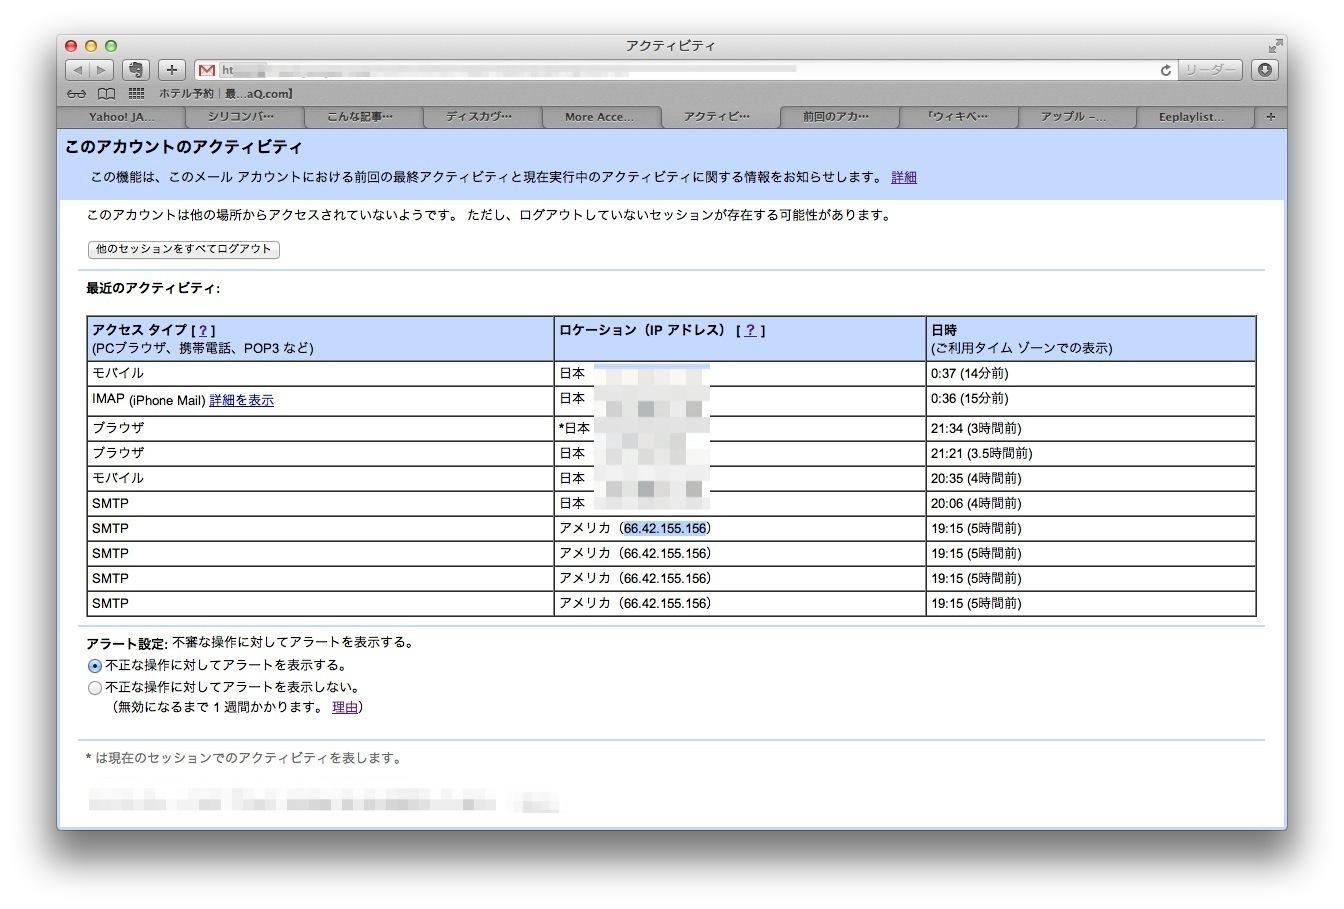 スクリーンショット 2013-01-20 15.40.18-3